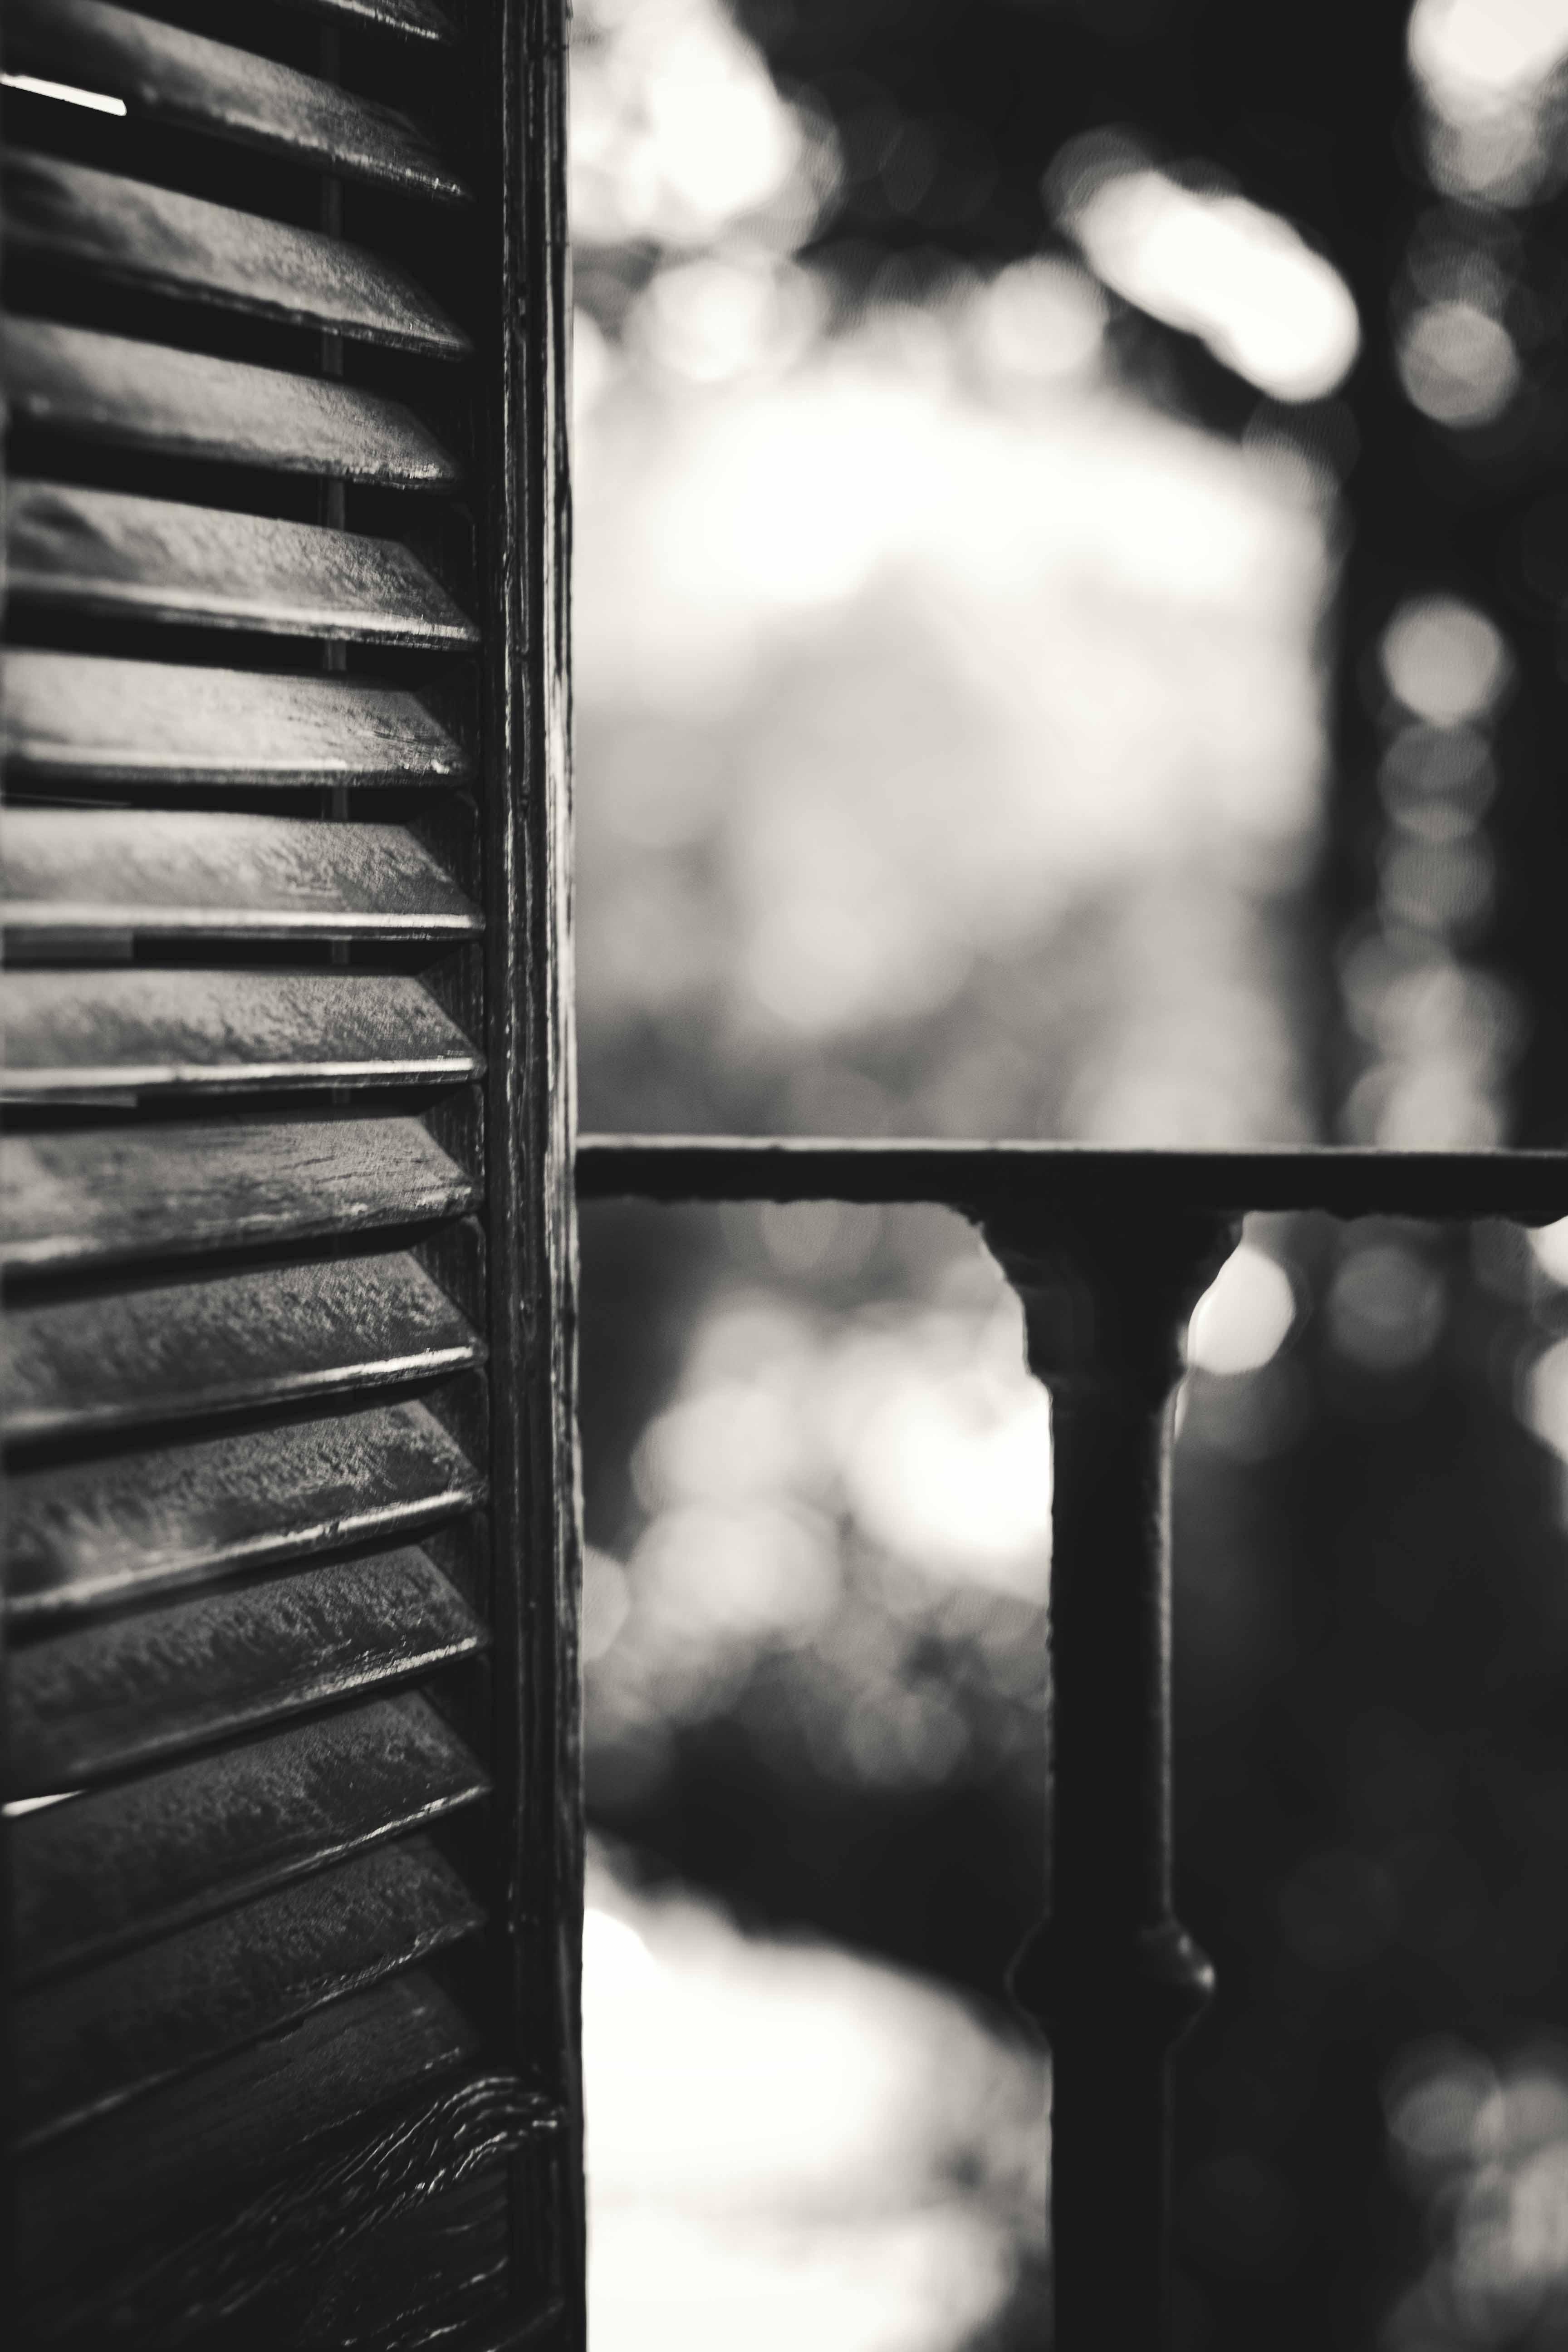 12 Siempre cerca de una ventana